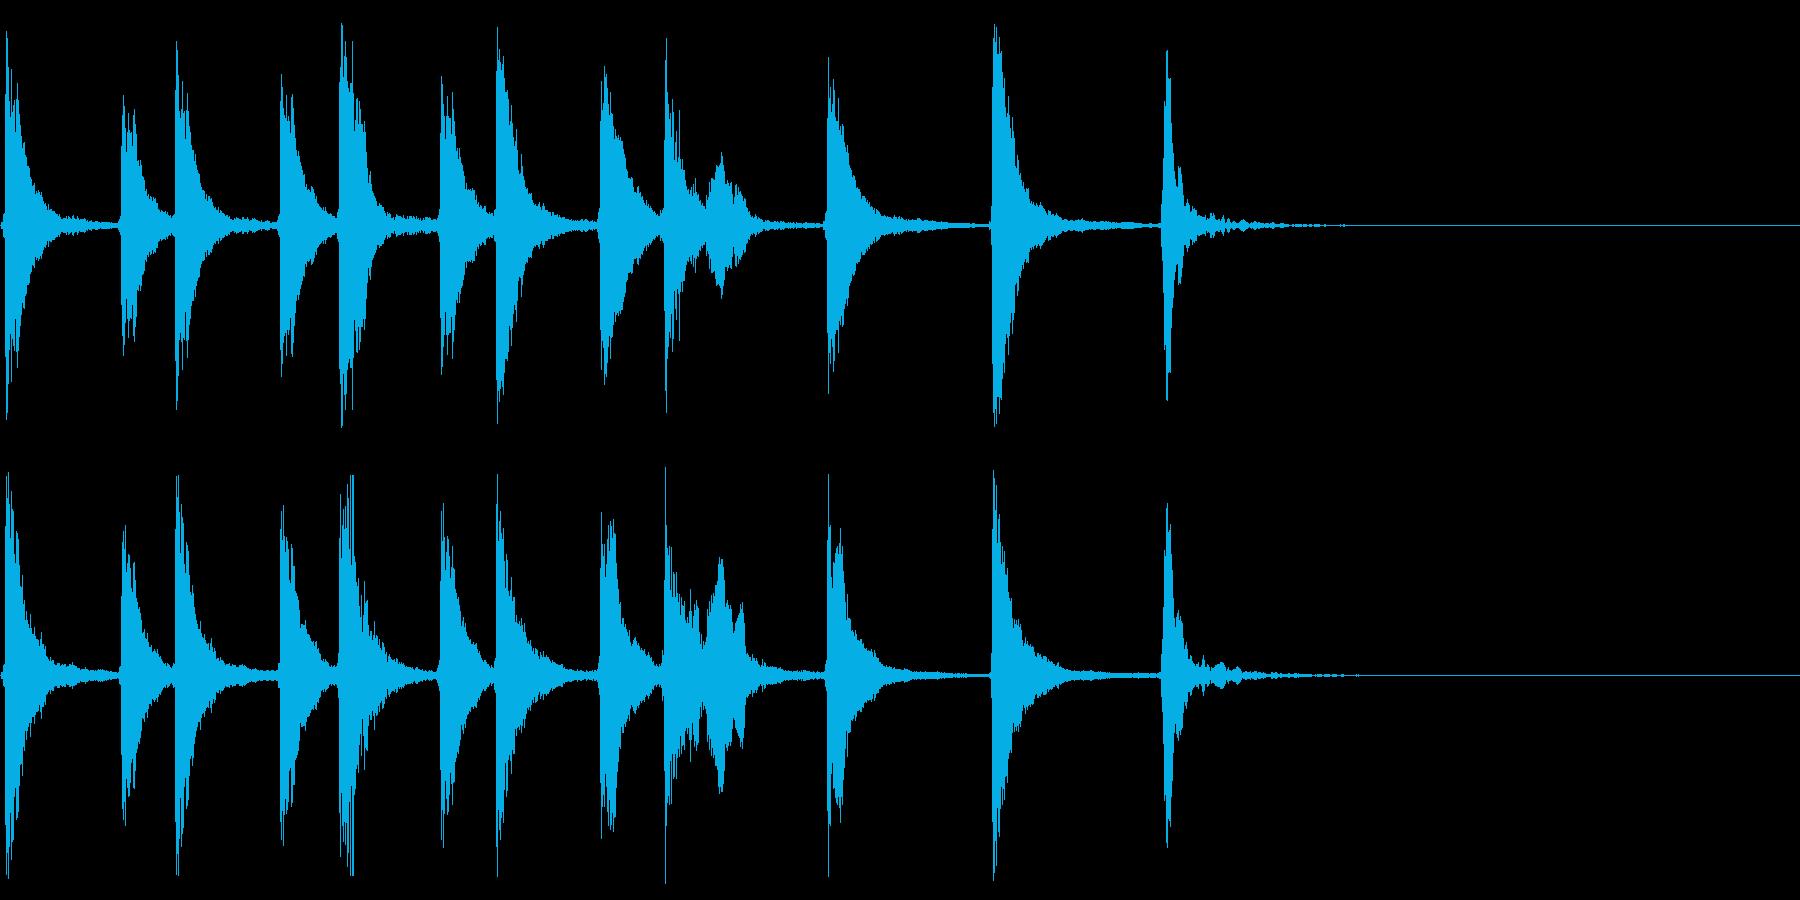 三味線などを使ったマヌケで愉快なジングルの再生済みの波形